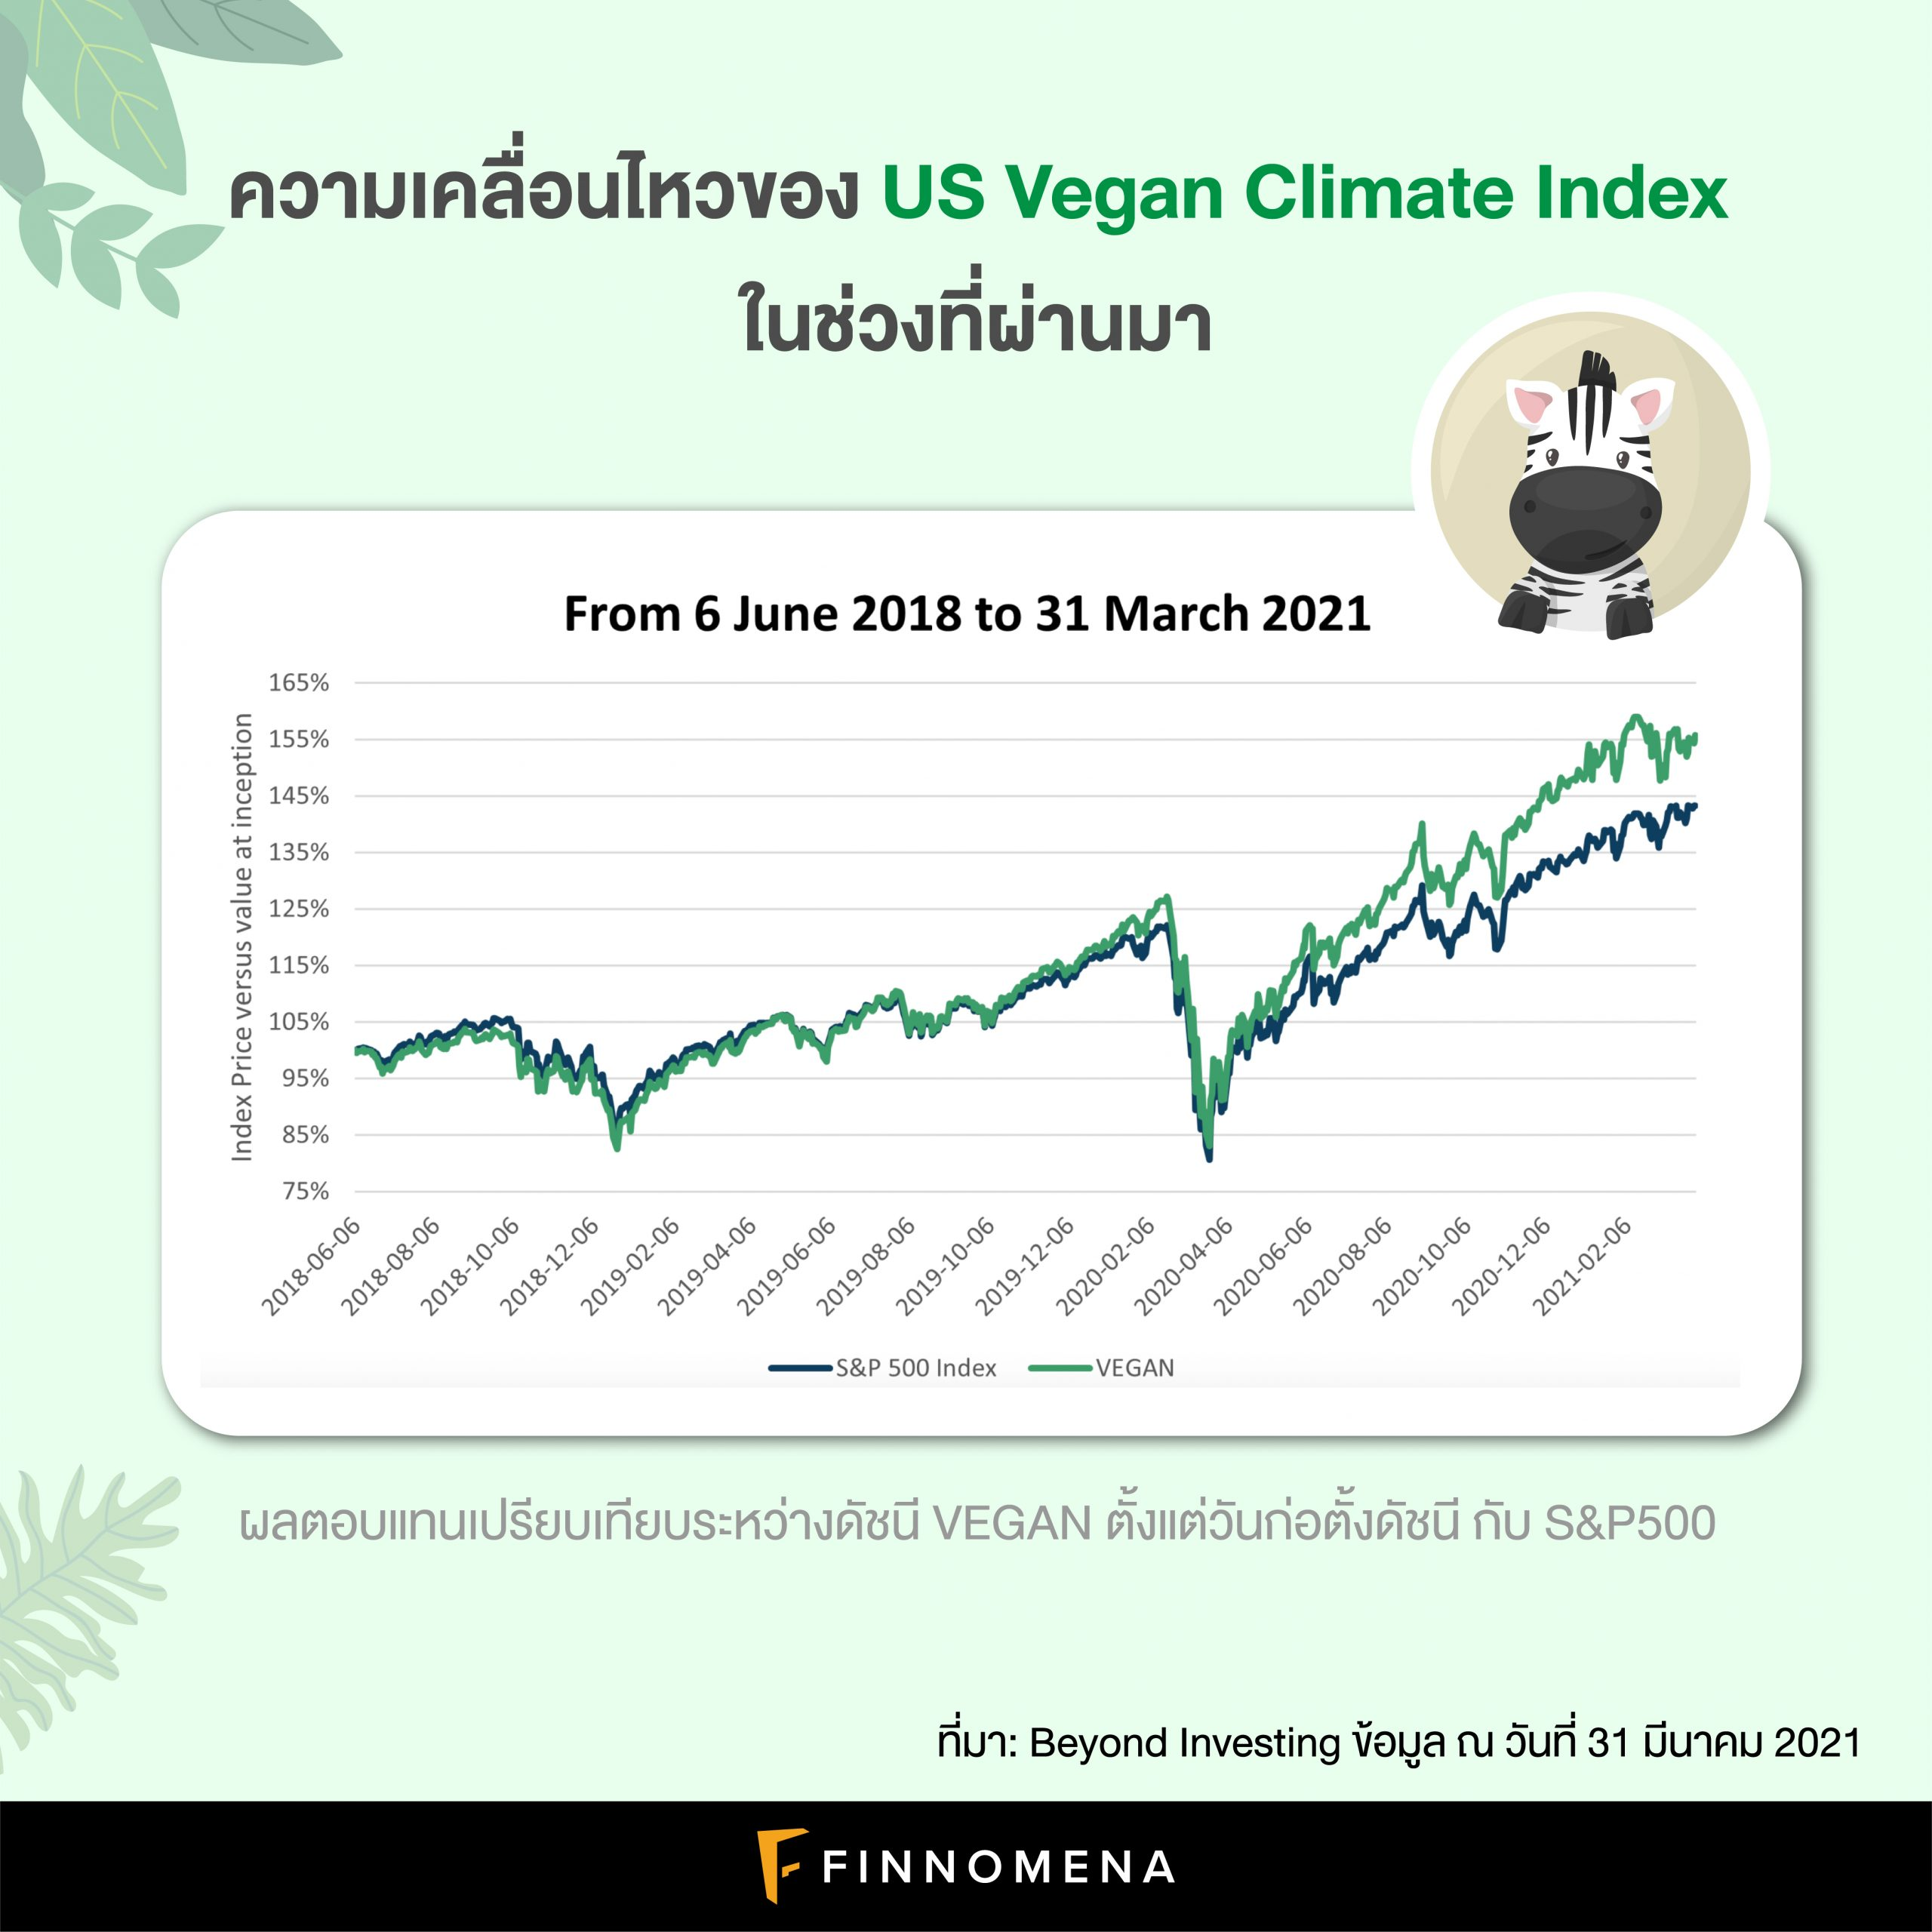 ทำความรู้จัก US Vegan Climate Index: ดัชนีหุ้นสำหรับคนรักสัตว์